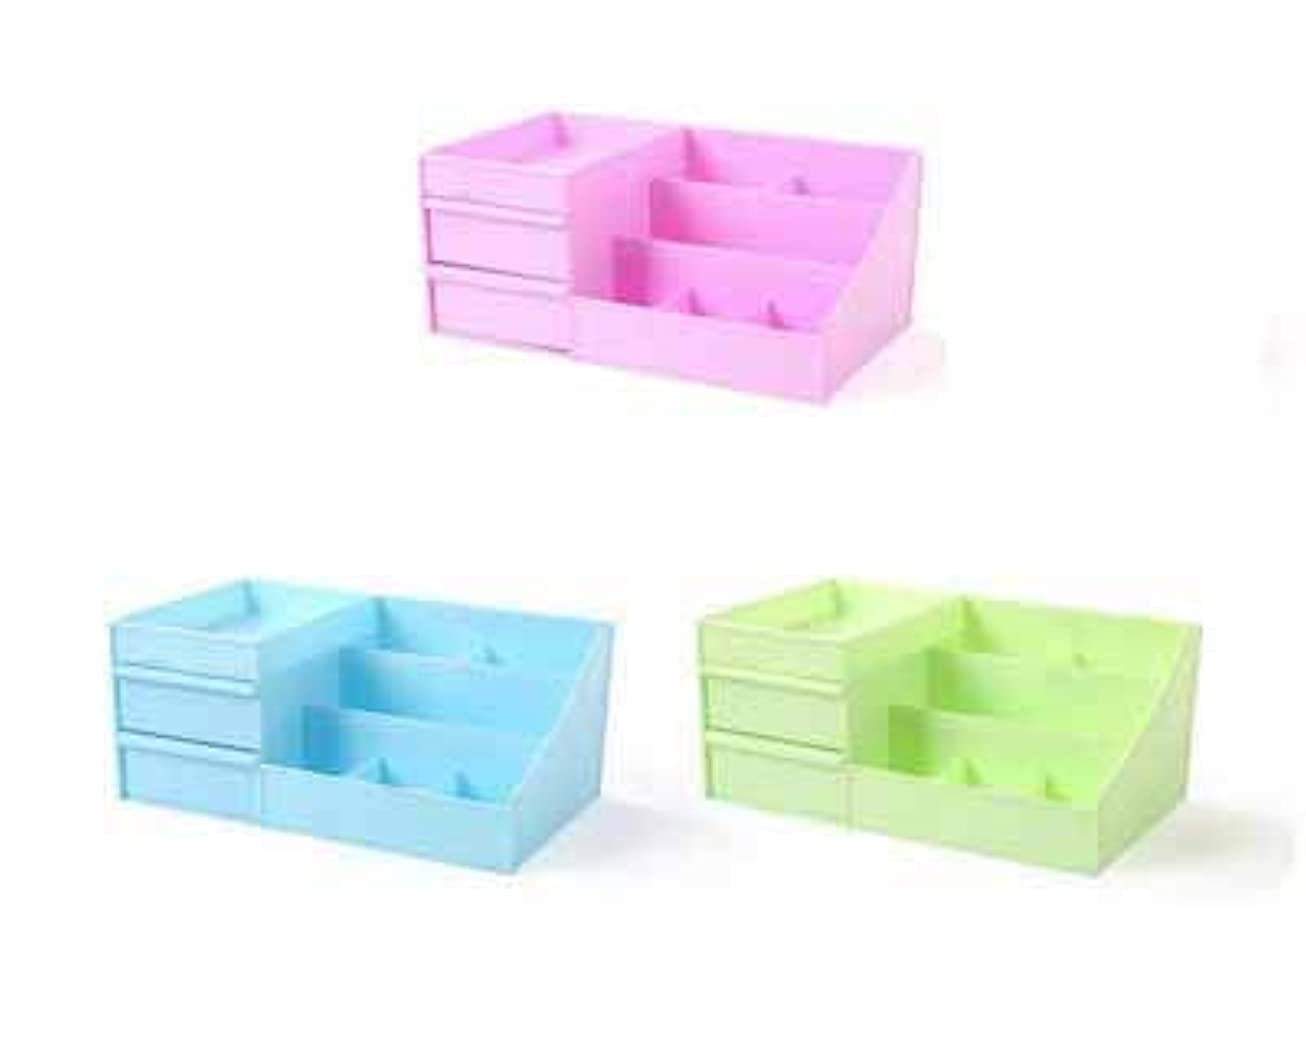 強化する依存自動化化粧品収納ボックスプラスチックの創造的な家庭用品デスクトップの破片の宝石箱大きな引き出し (Color : グリンー)